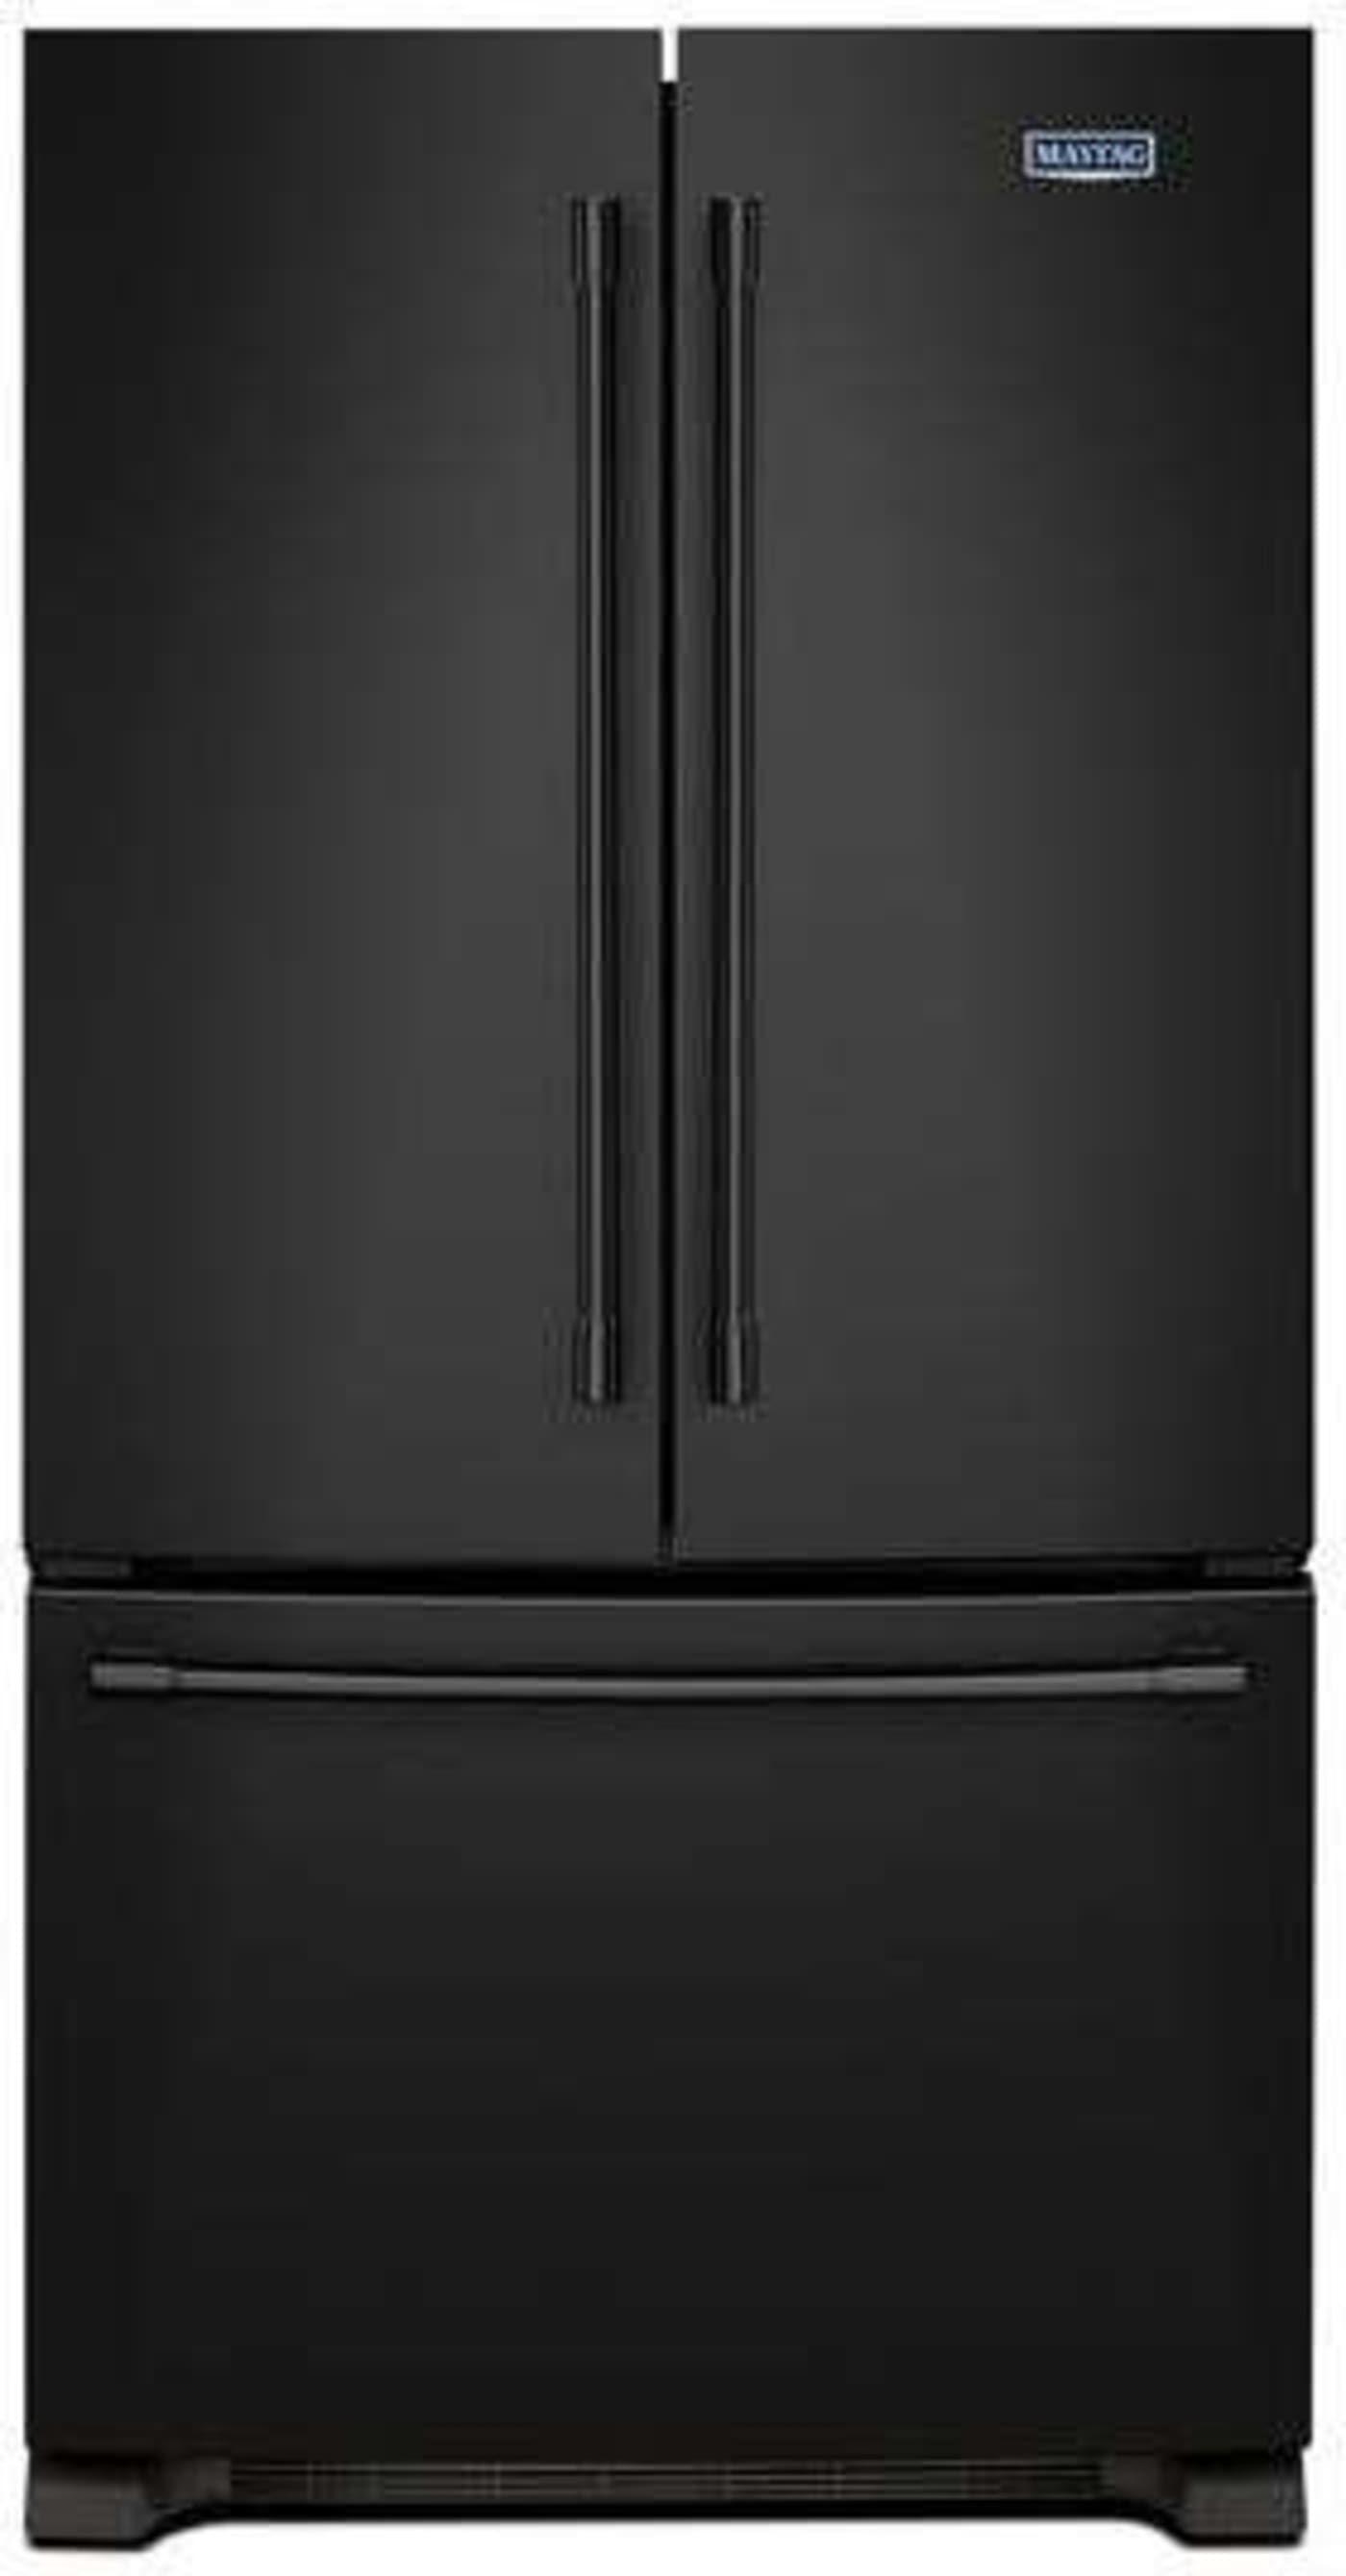 Maytag Mff2558feb Black French Door Refrigerator French Door Refrigerator Black French Doors